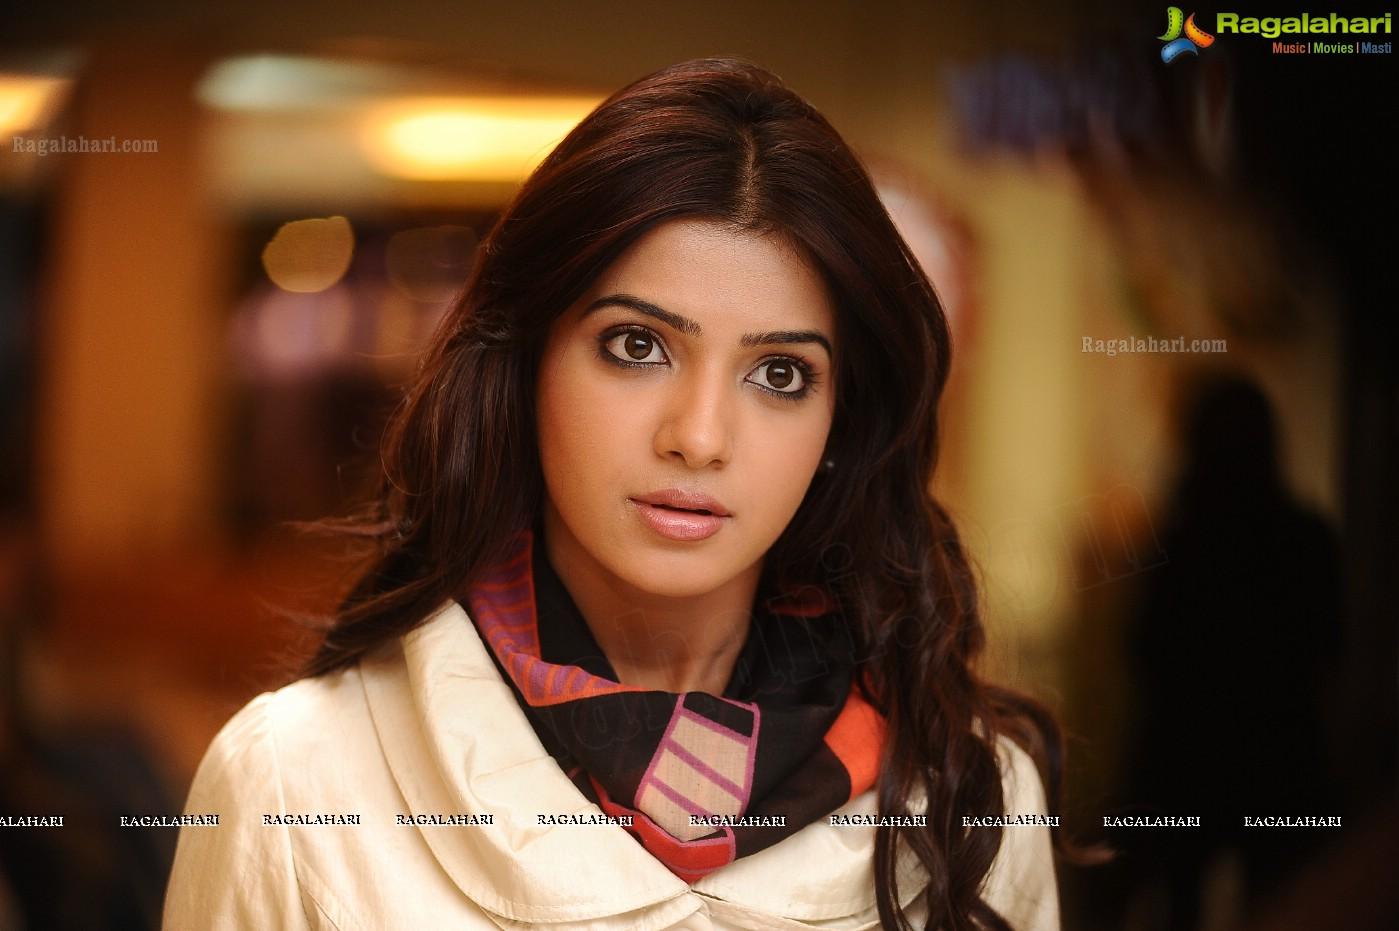 Samantha (Posters)